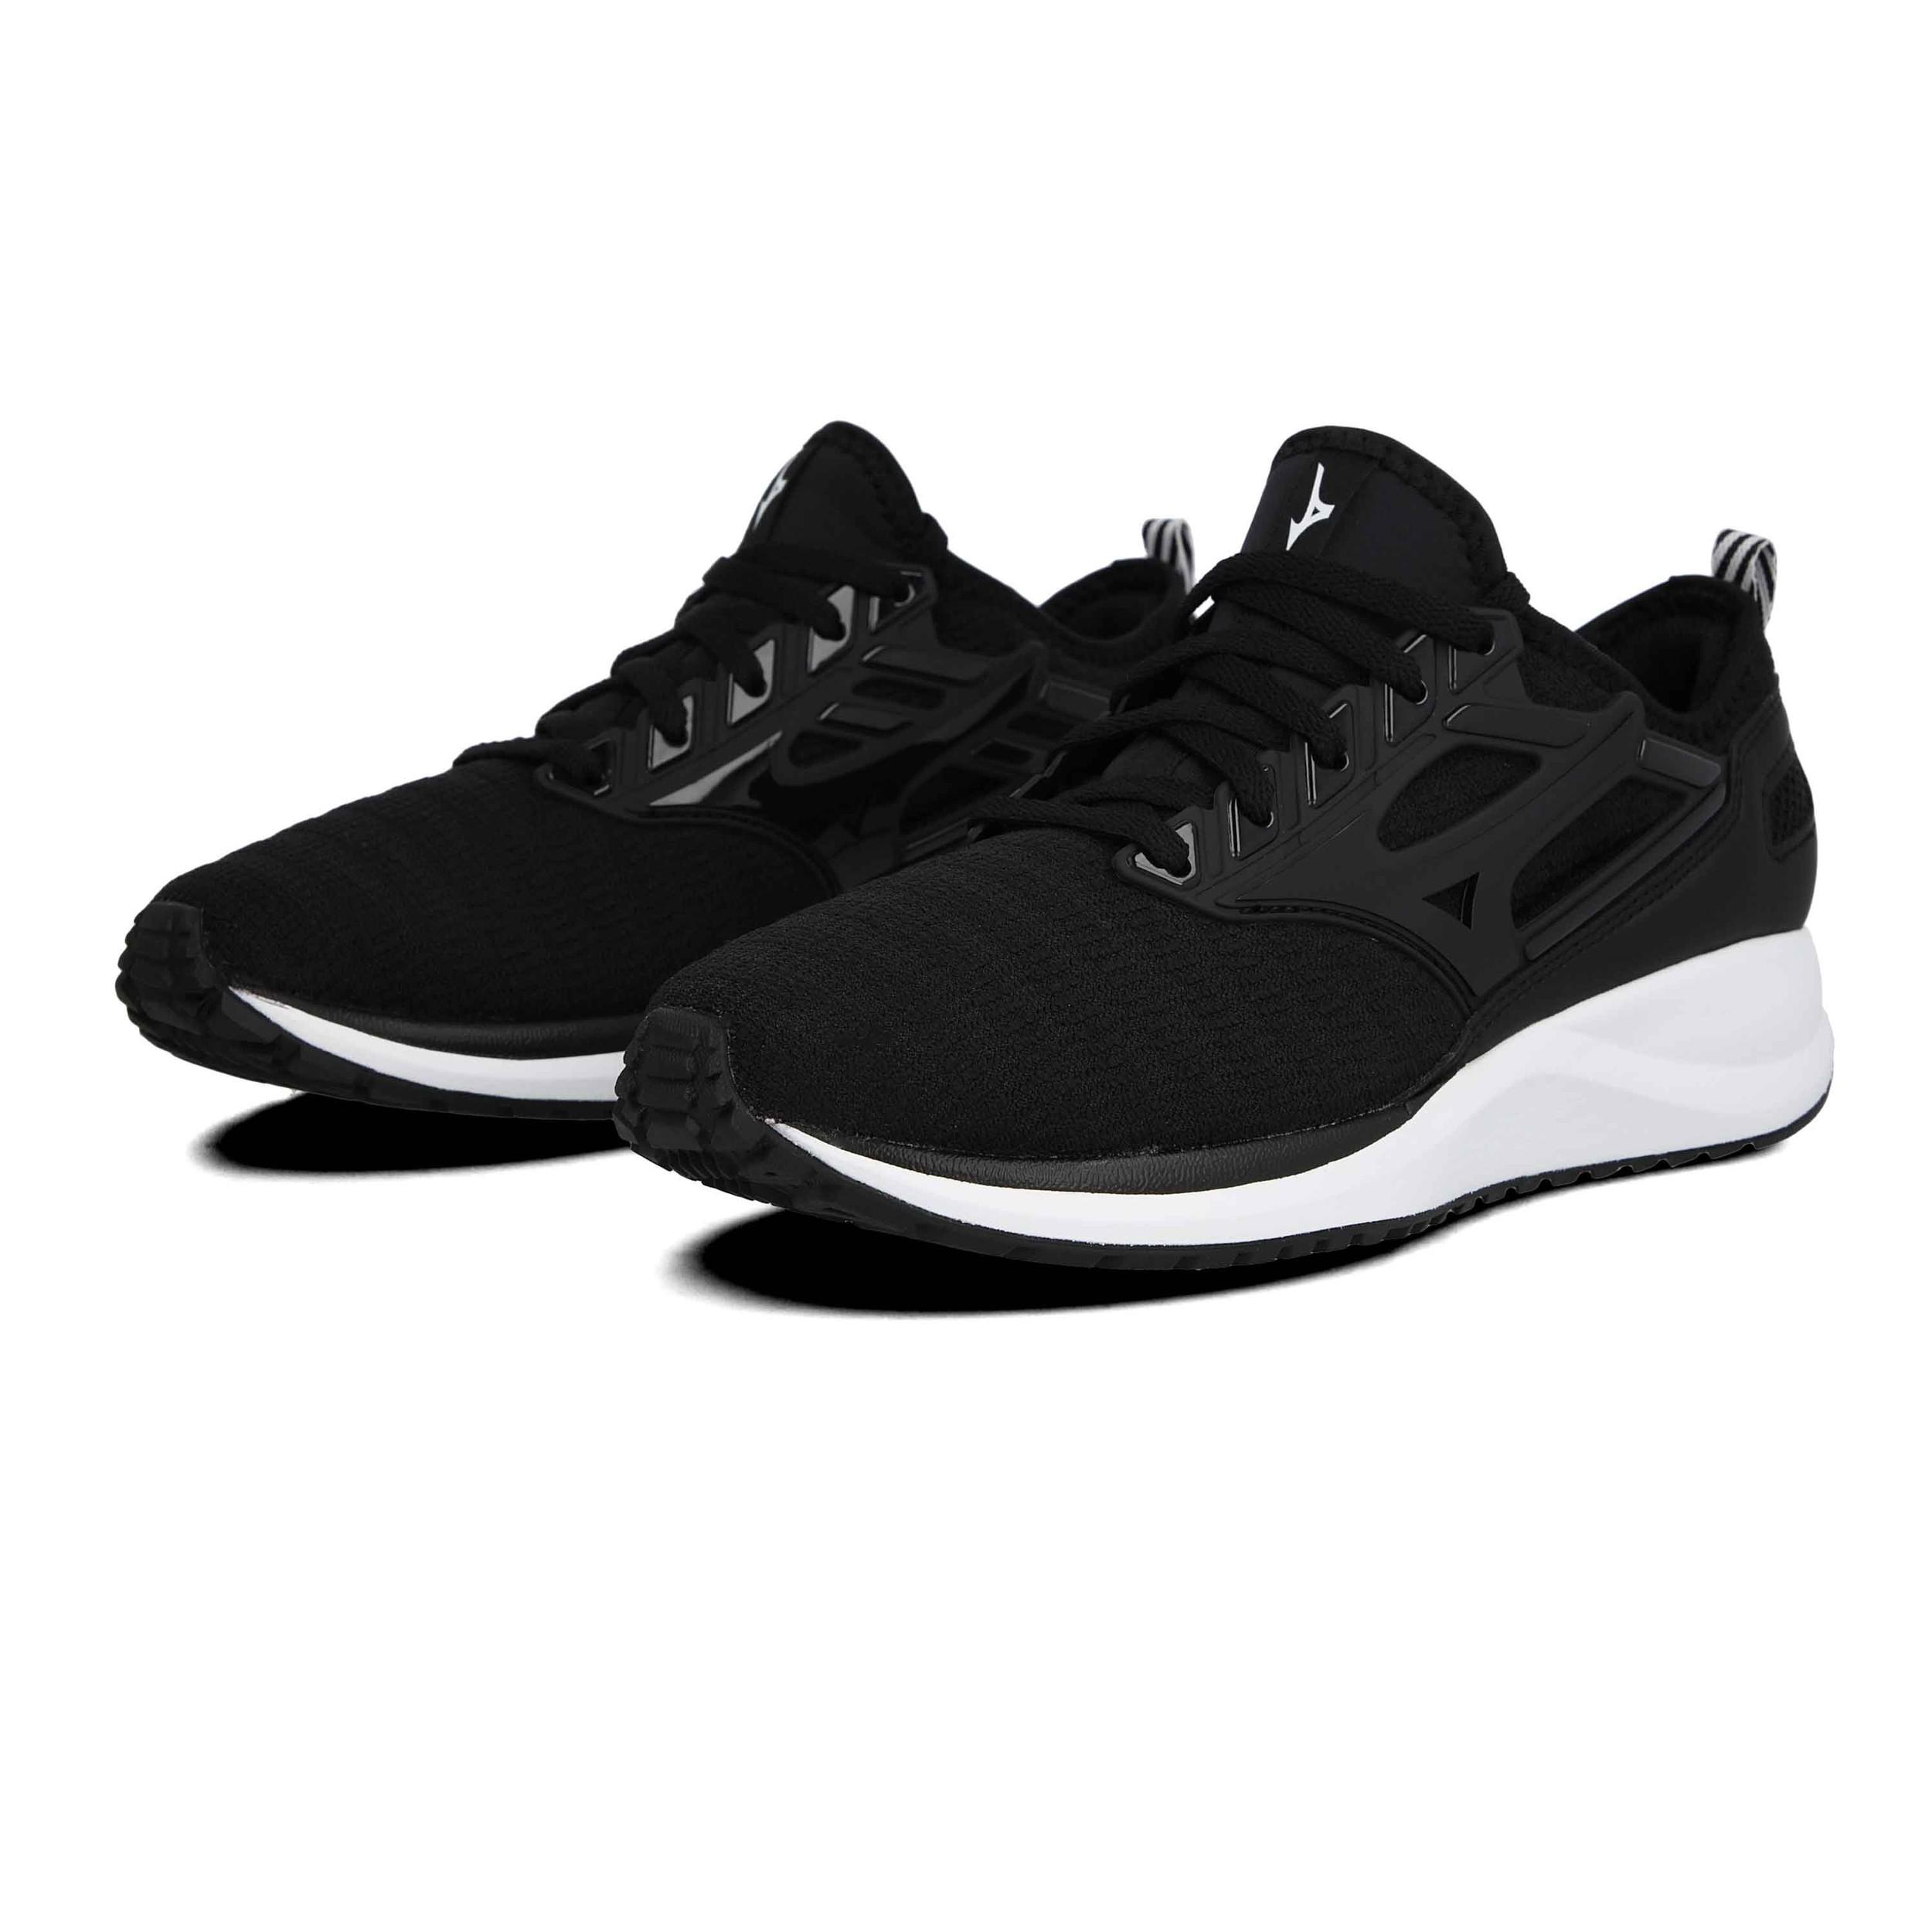 Mizuno Ezrun CG Women's Running Shoes - SS20